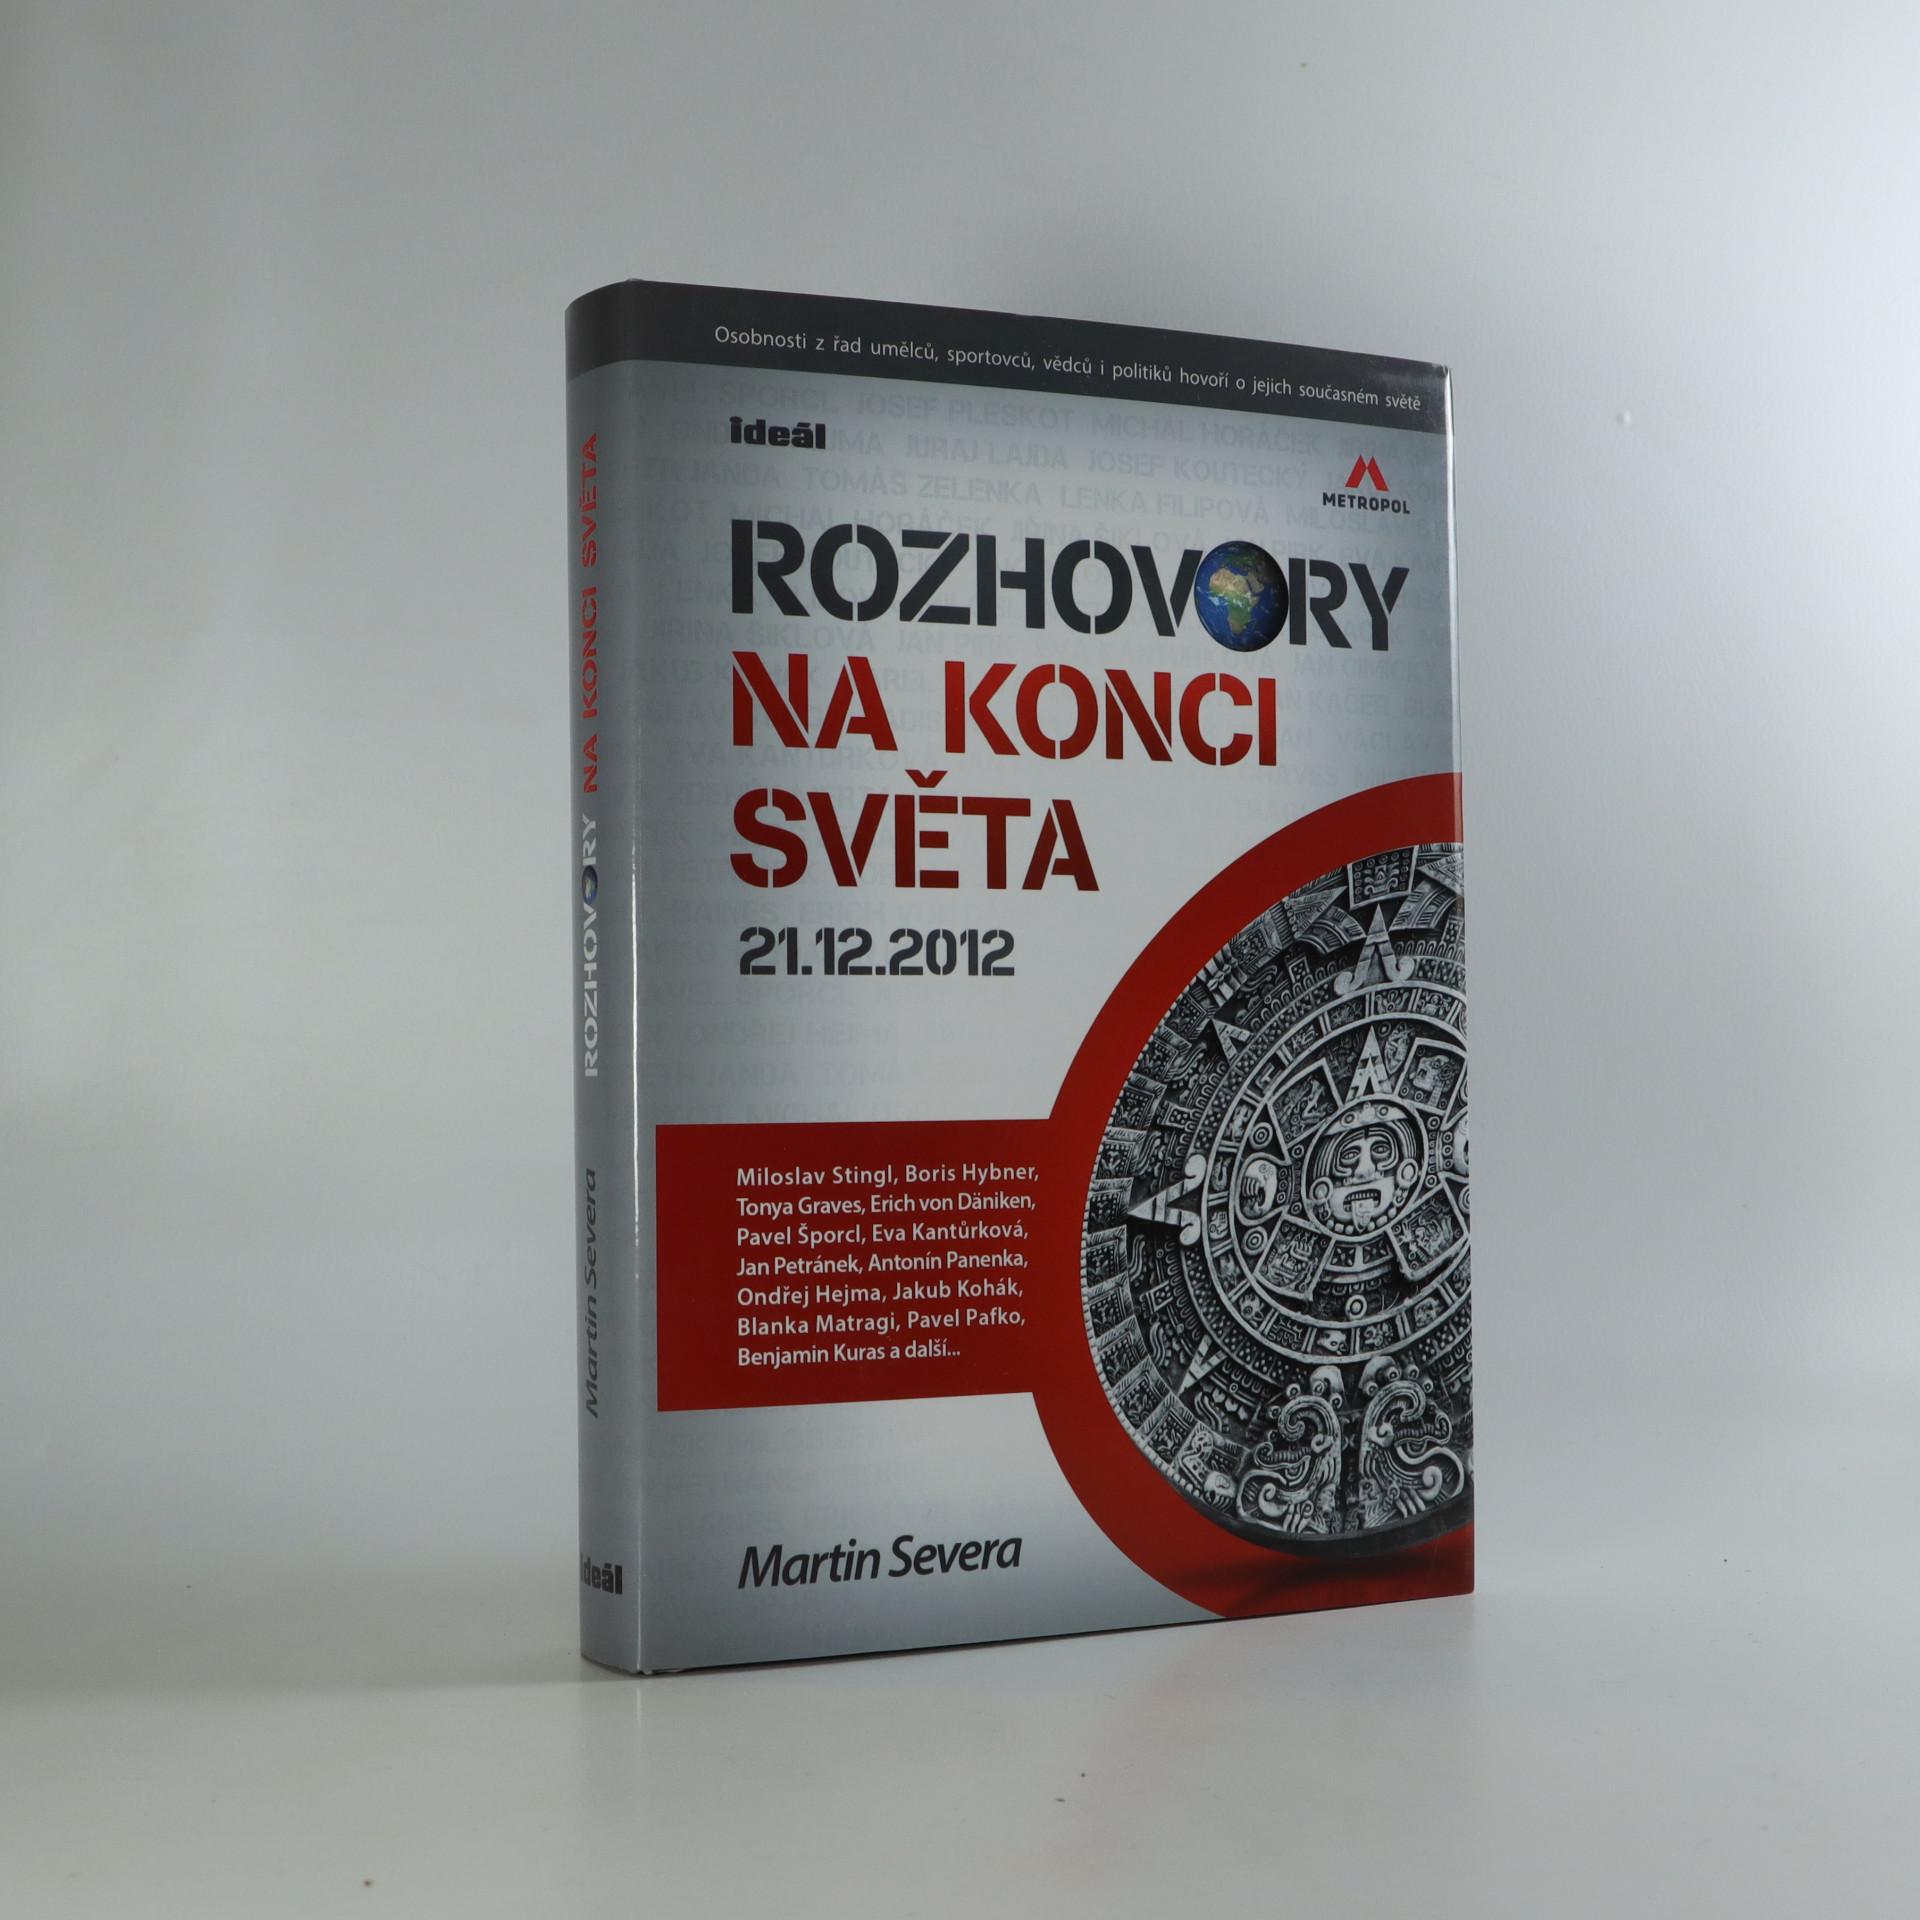 antikvární kniha Rozhovory na konci světa 21.12.2012, 2012